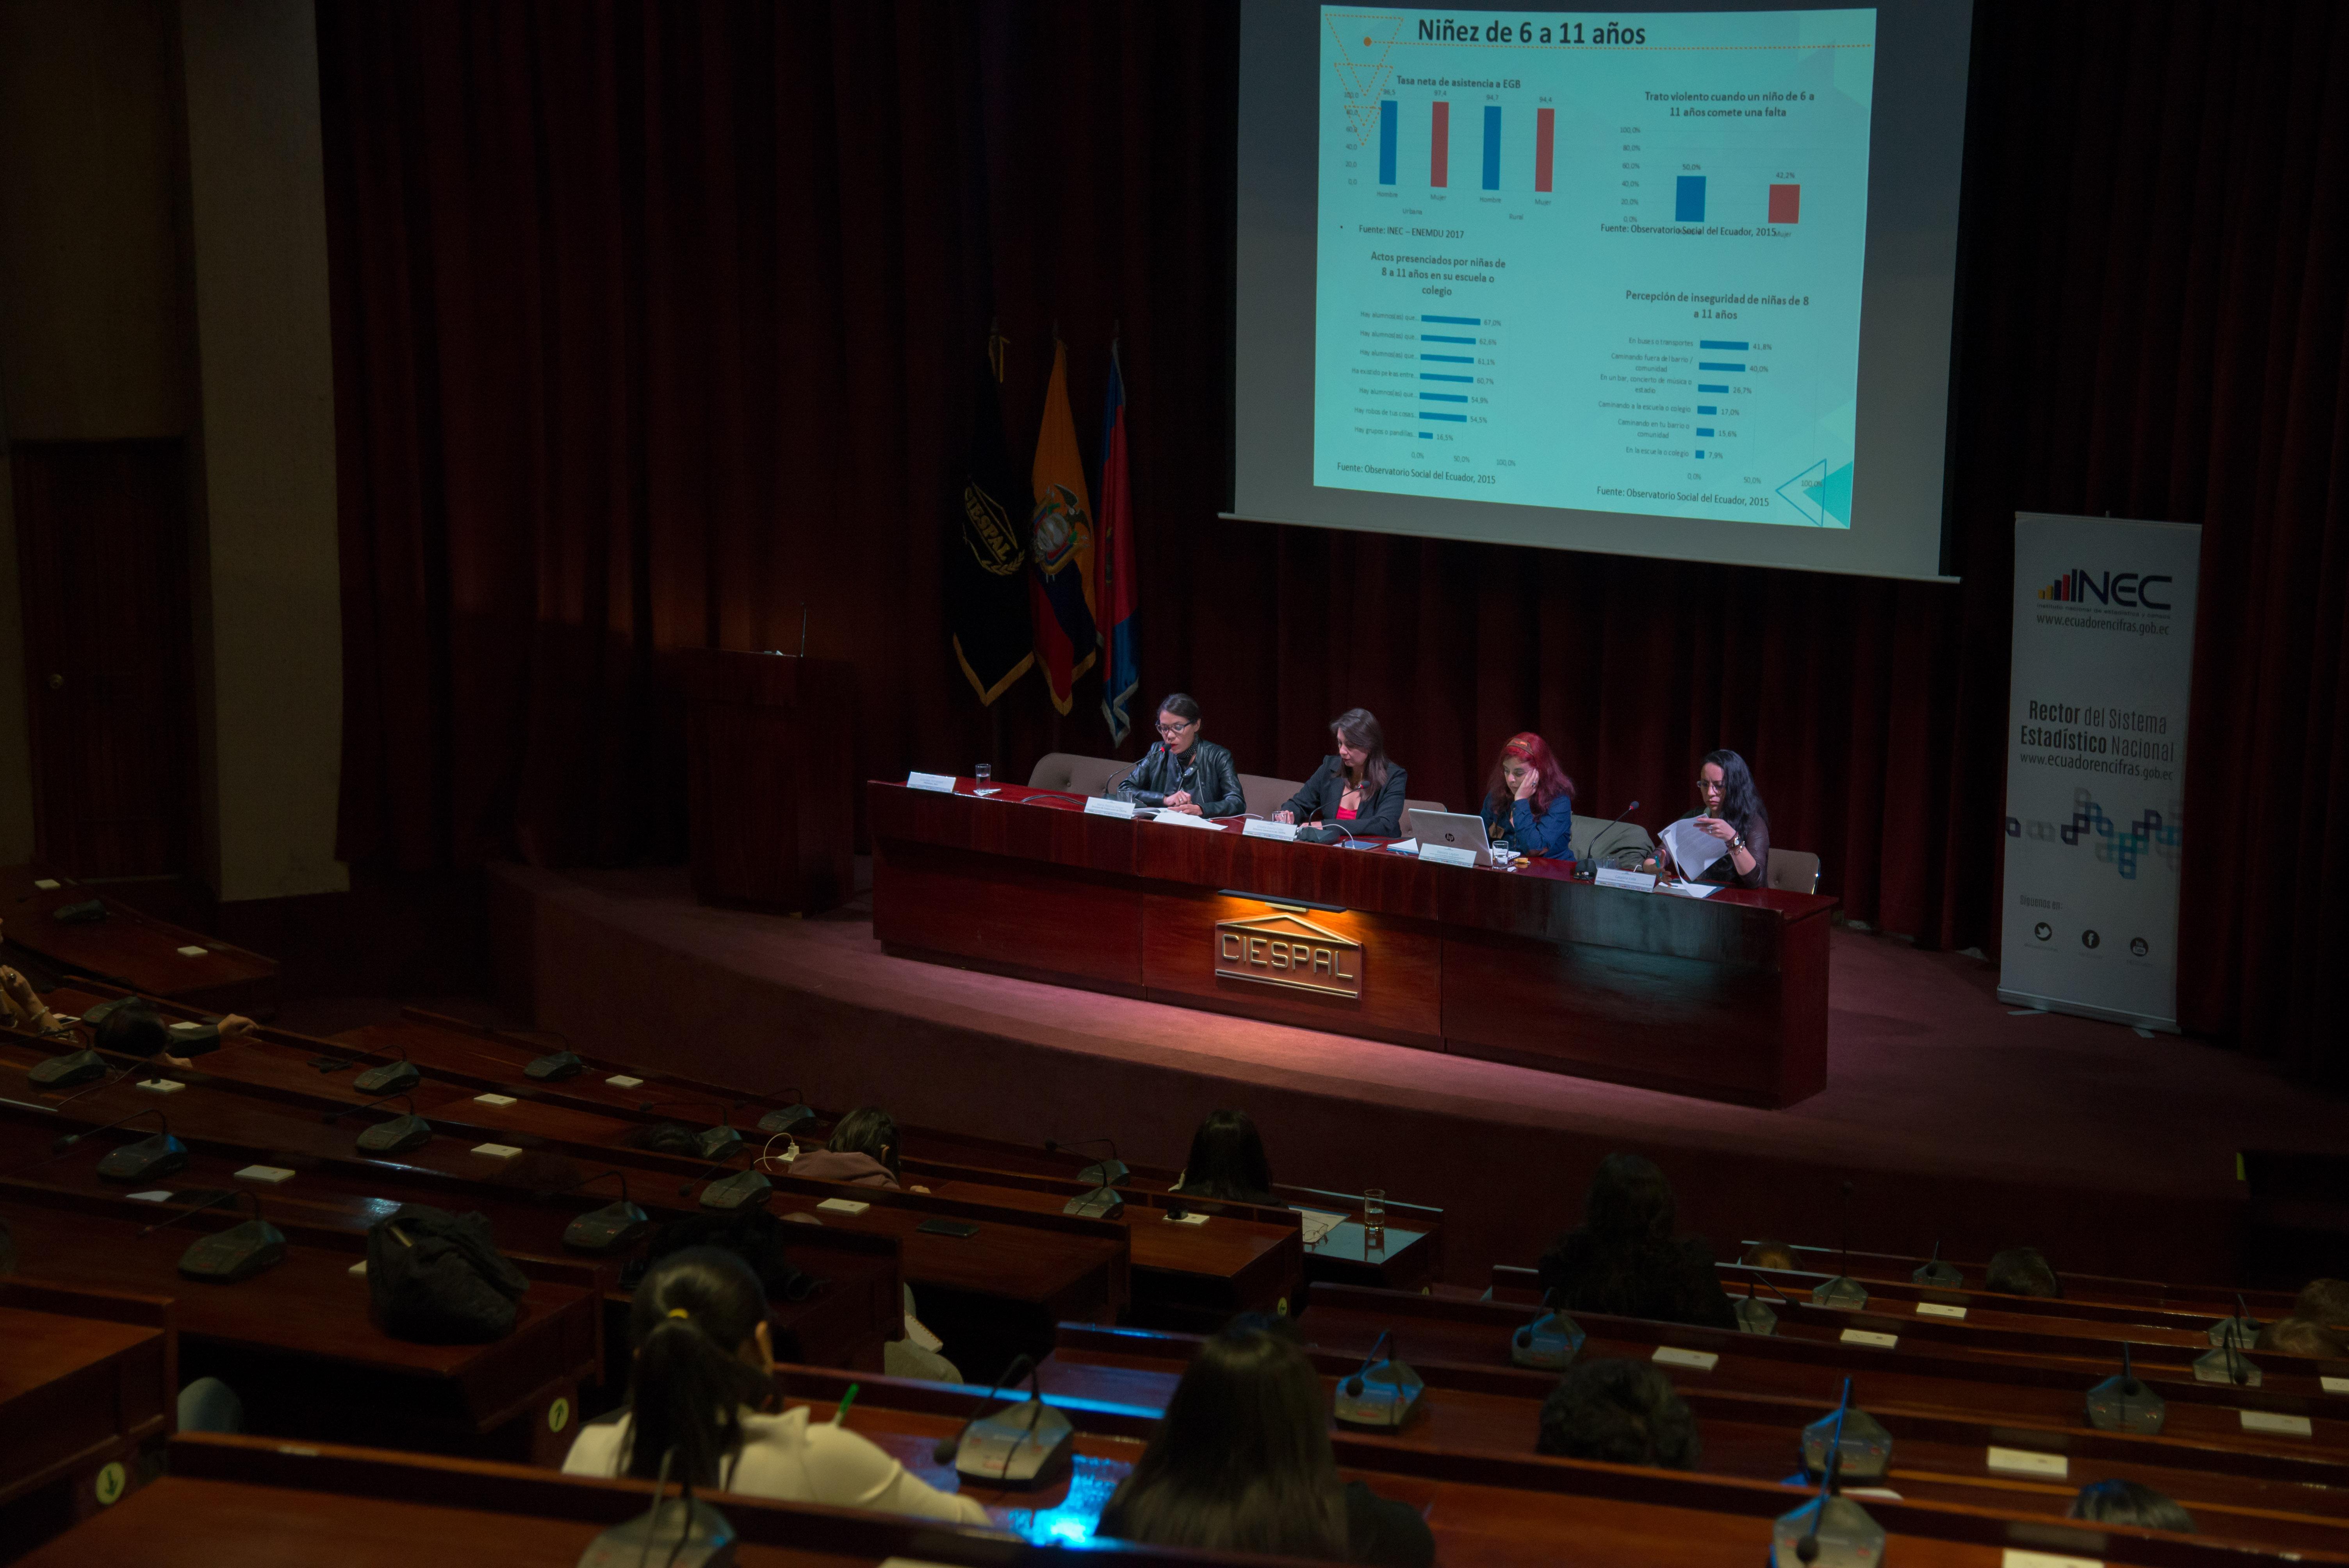 Directora de CIESPAL presentó protocolo institucional contra el acoso y violencia por razón de género en conversatorio sobre la situación de la mujer